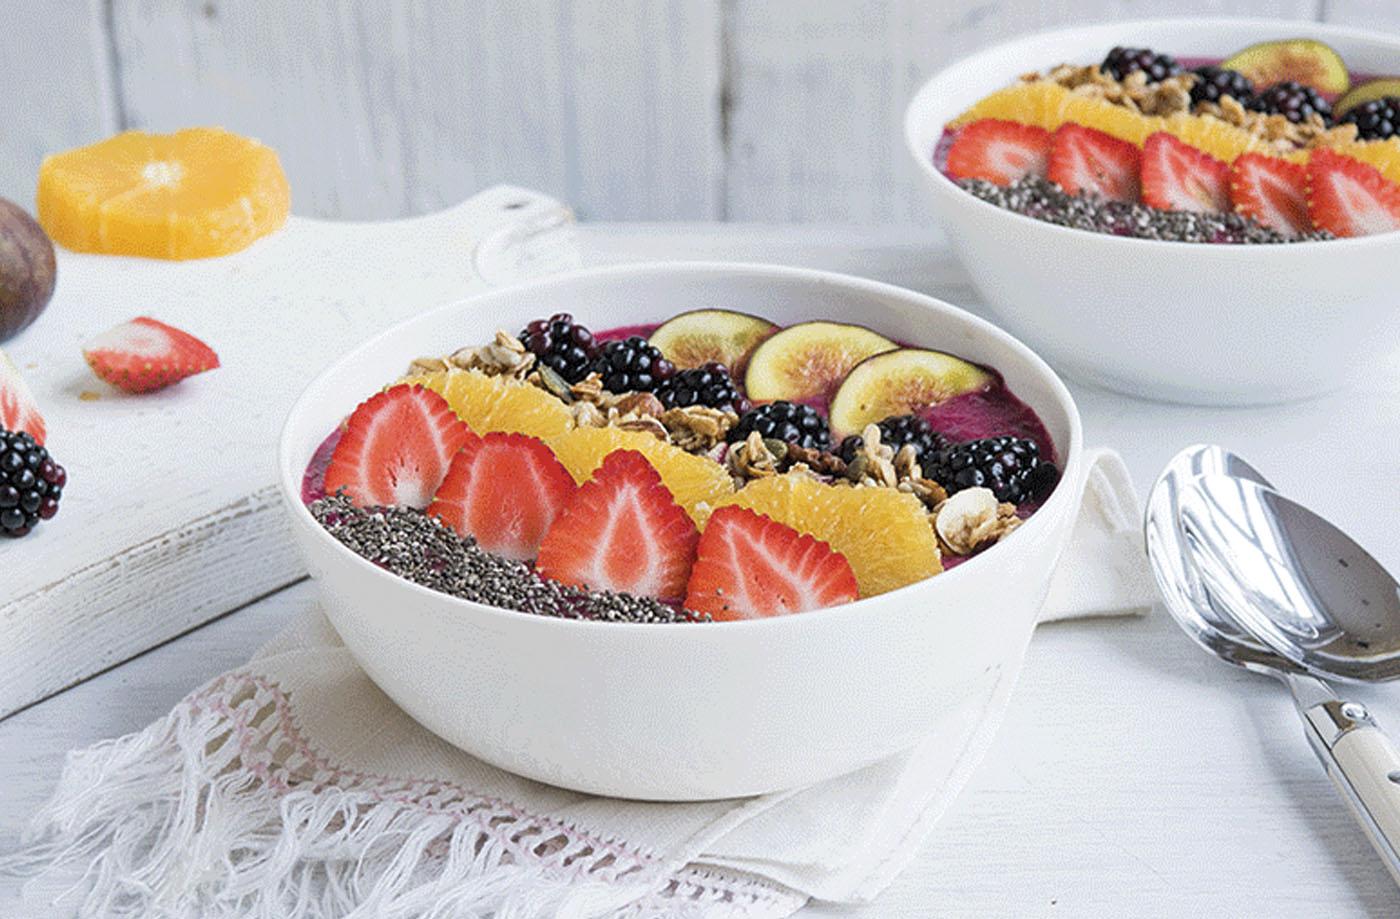 Ne preskoči zdravega zajtrka